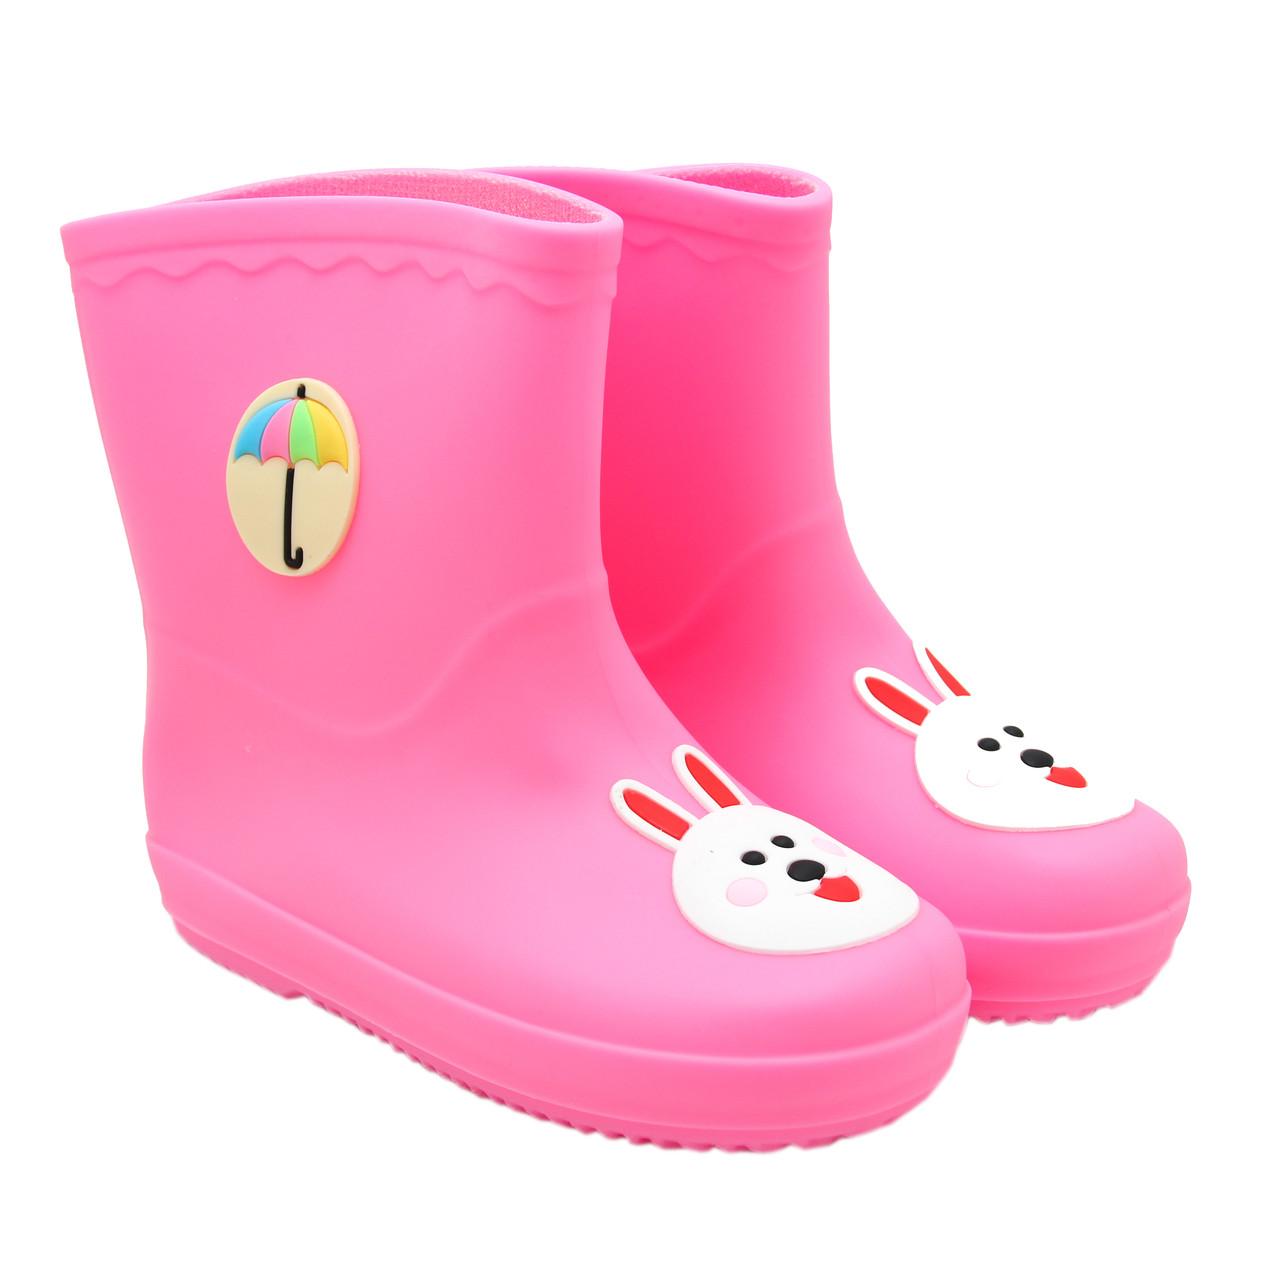 Детские резиновые сапоги, розовые, 15 см (513689-3)